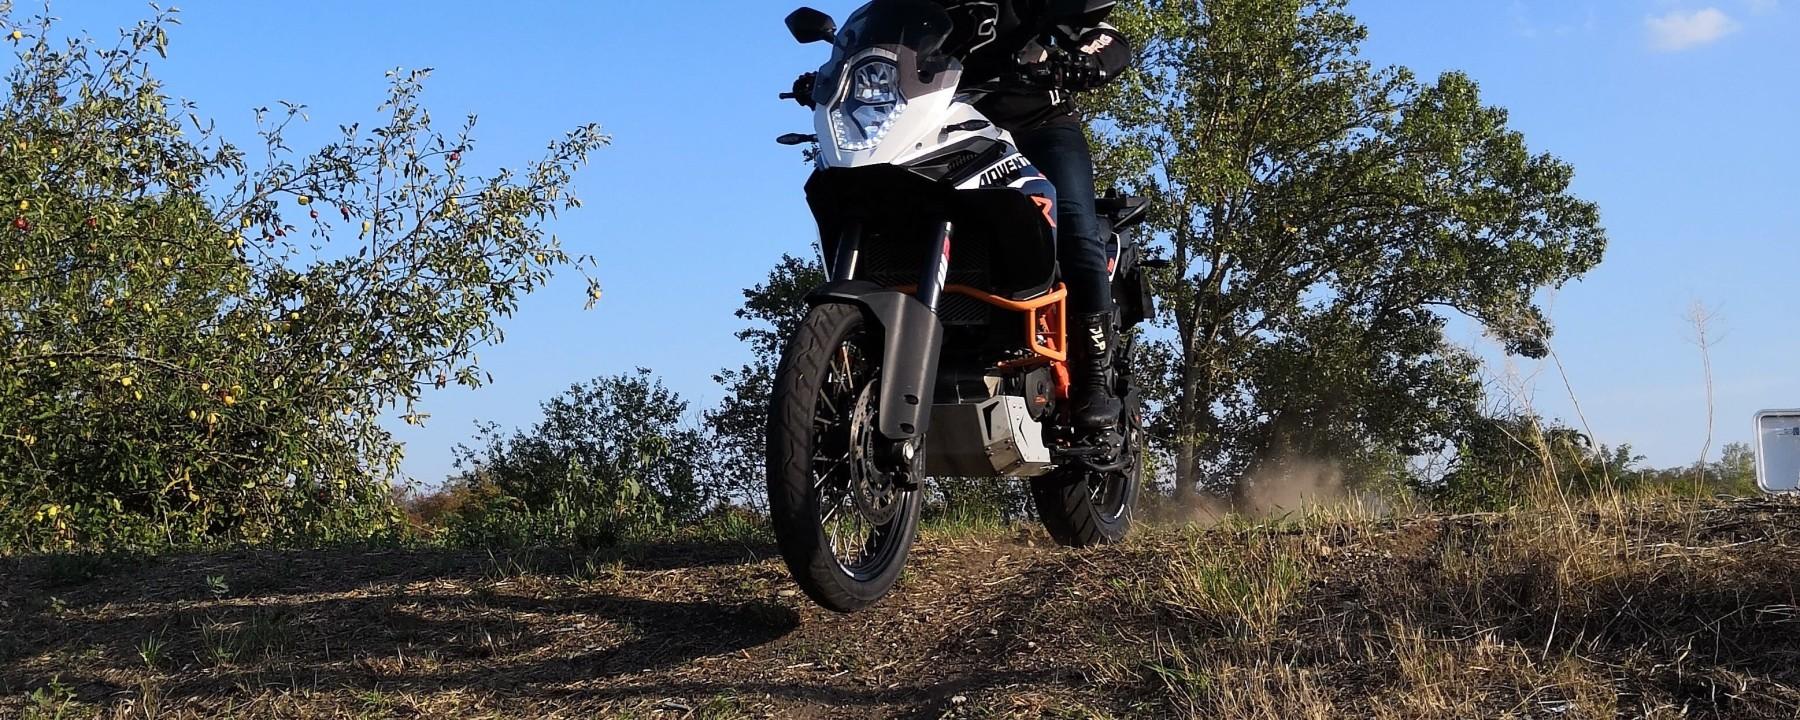 Photo du trail ktm adventure 1190 r en saut